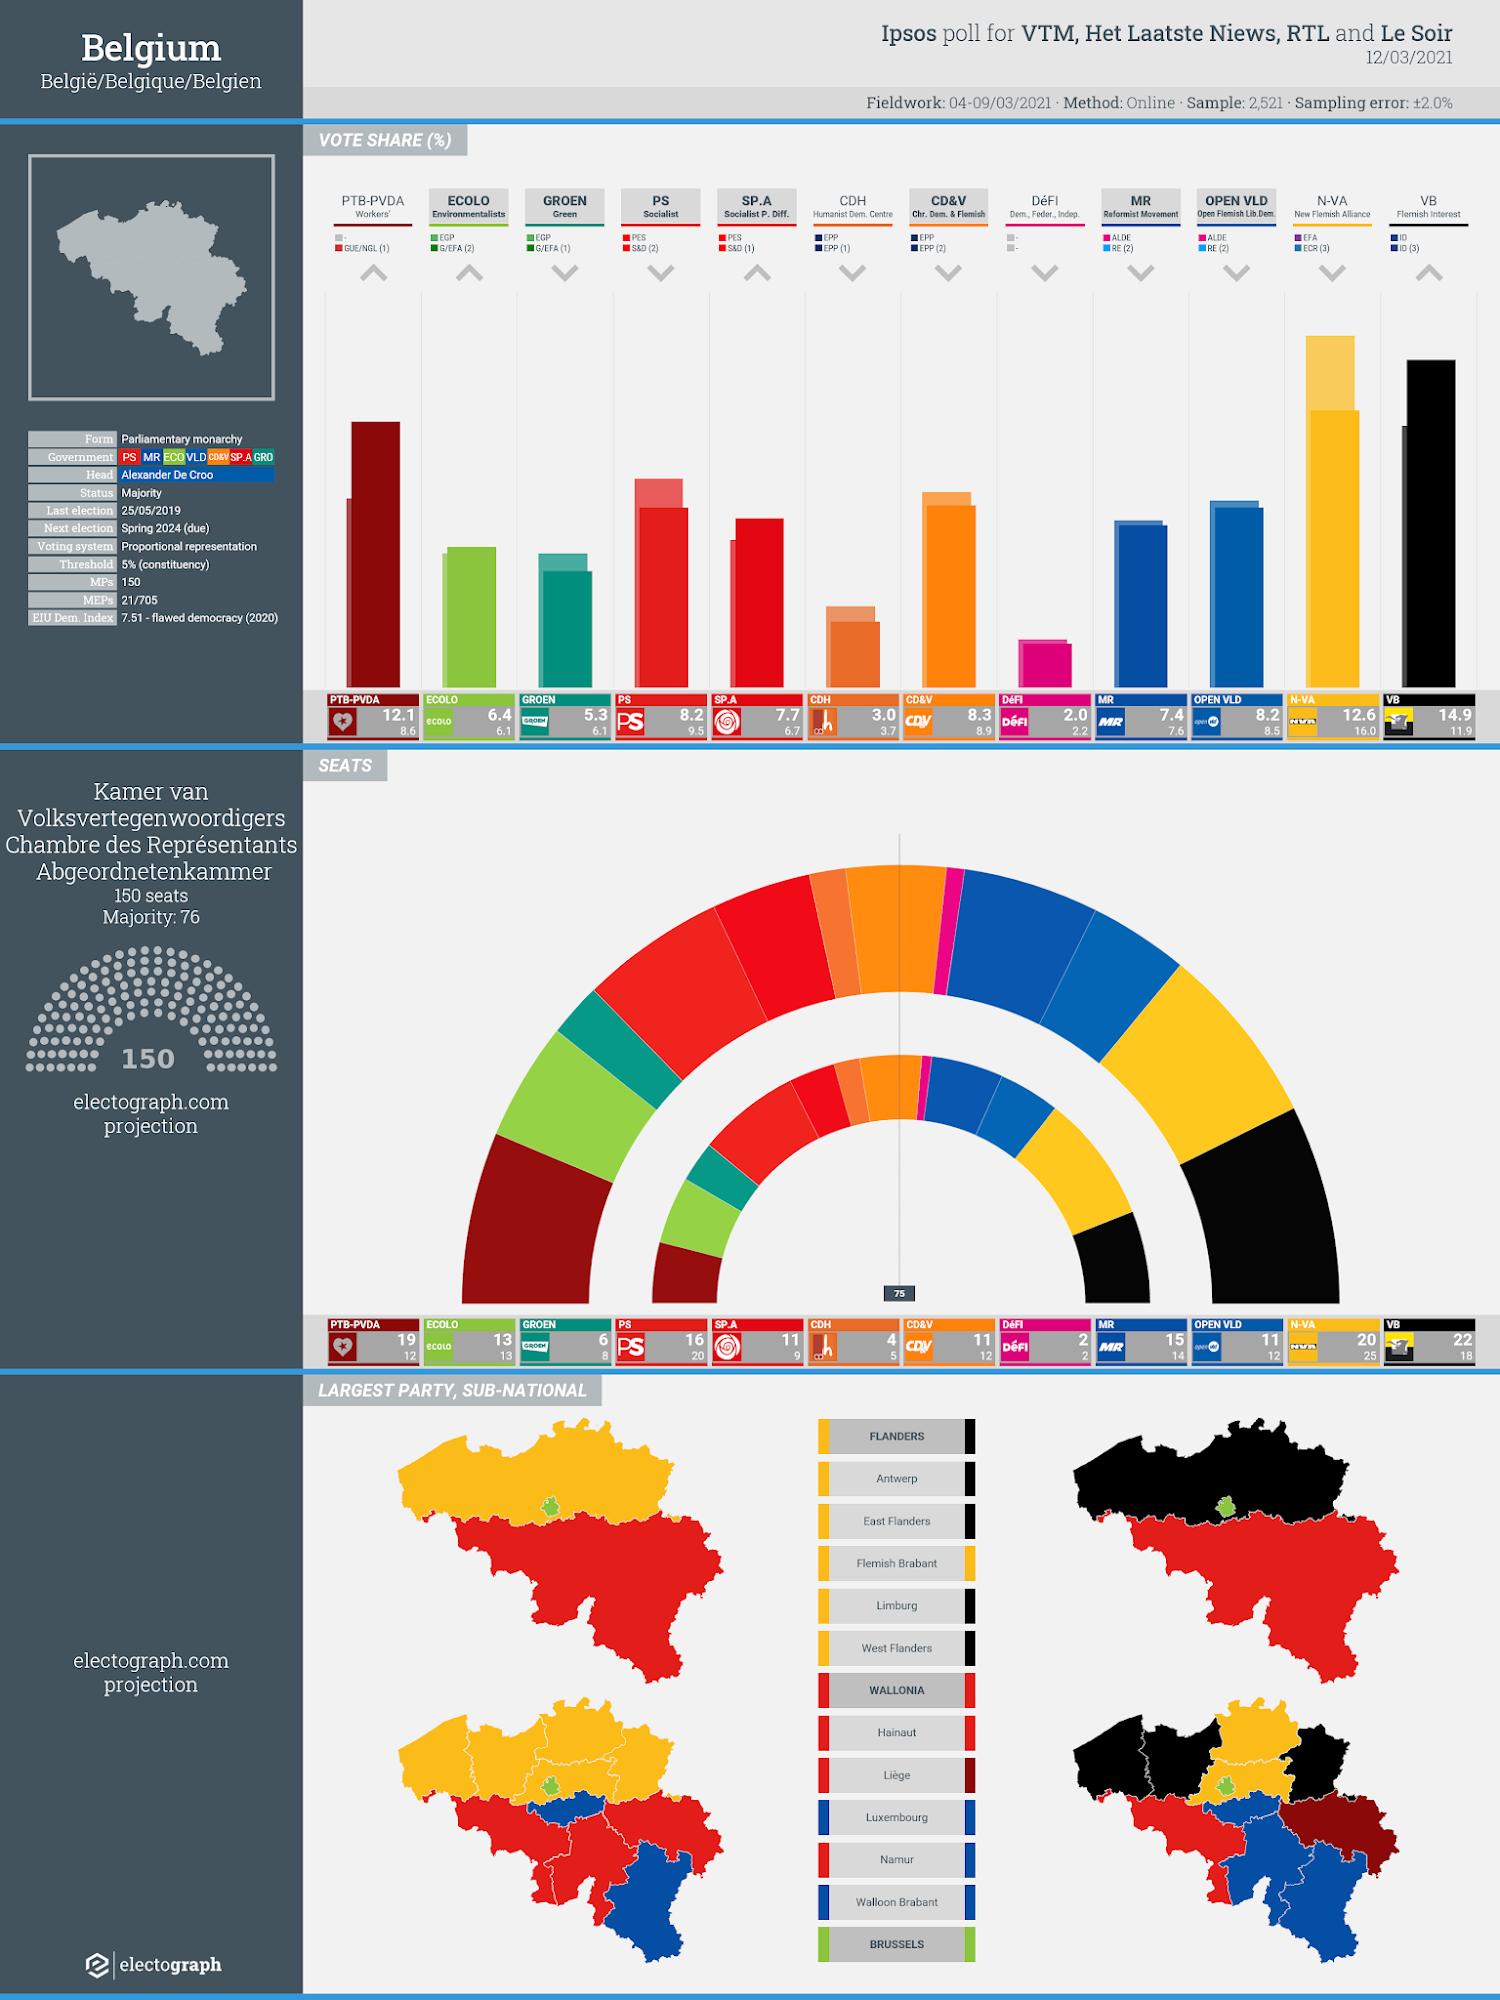 BELGIUM: Ipsos poll chart for VTM, Het Laatste Nieuws, RTL and Le Soir, 12 March 2021